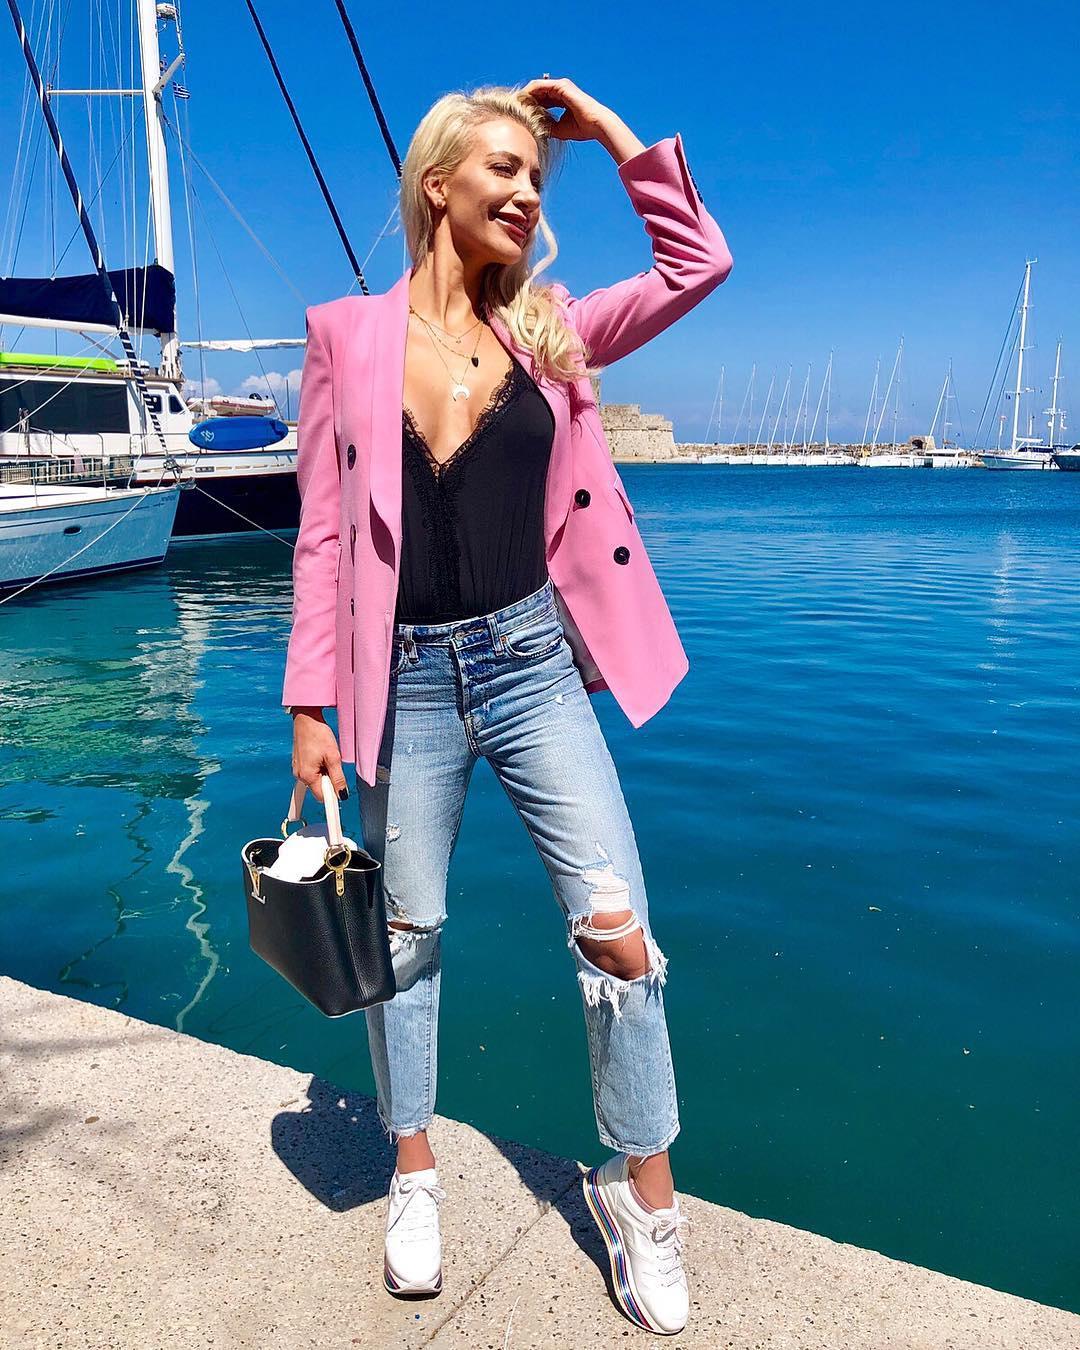 crossover breasted jacket de Zara sur laura_michail